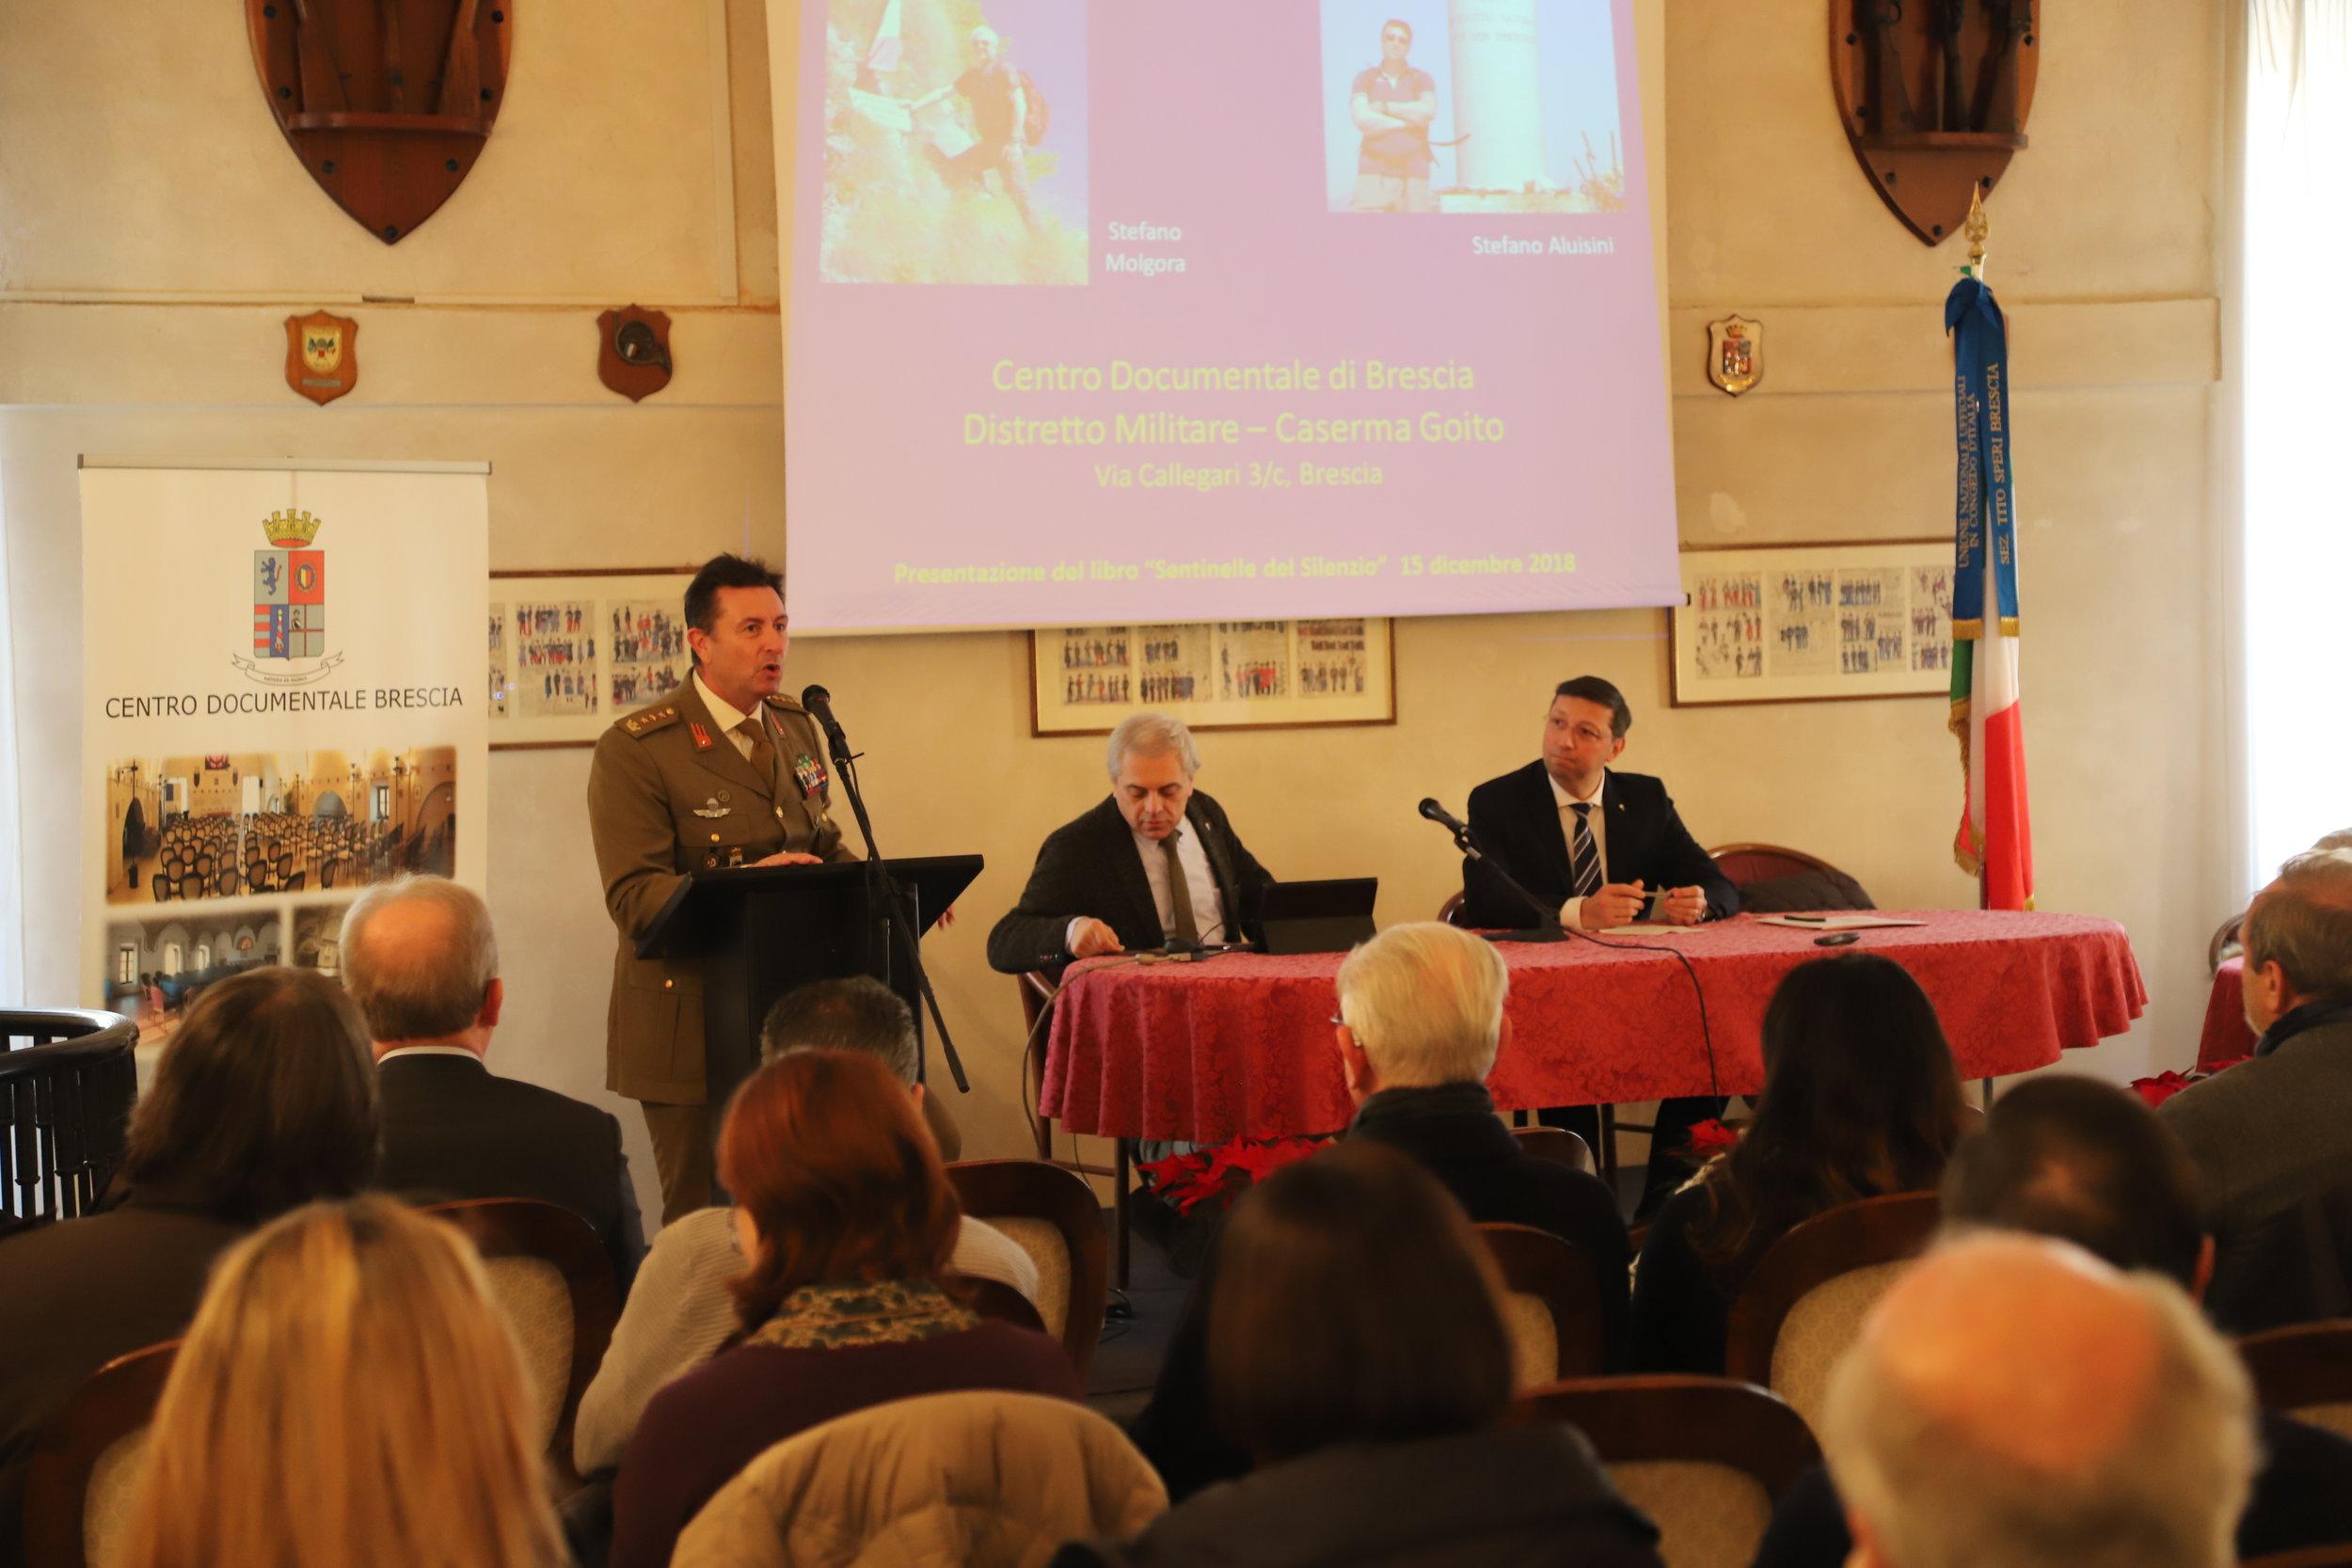 """Presentazione del libro: """"Sentinelle del Silenzio"""" - Ce.Doc. Esercito - Brescia, 15 dicembre 2018"""